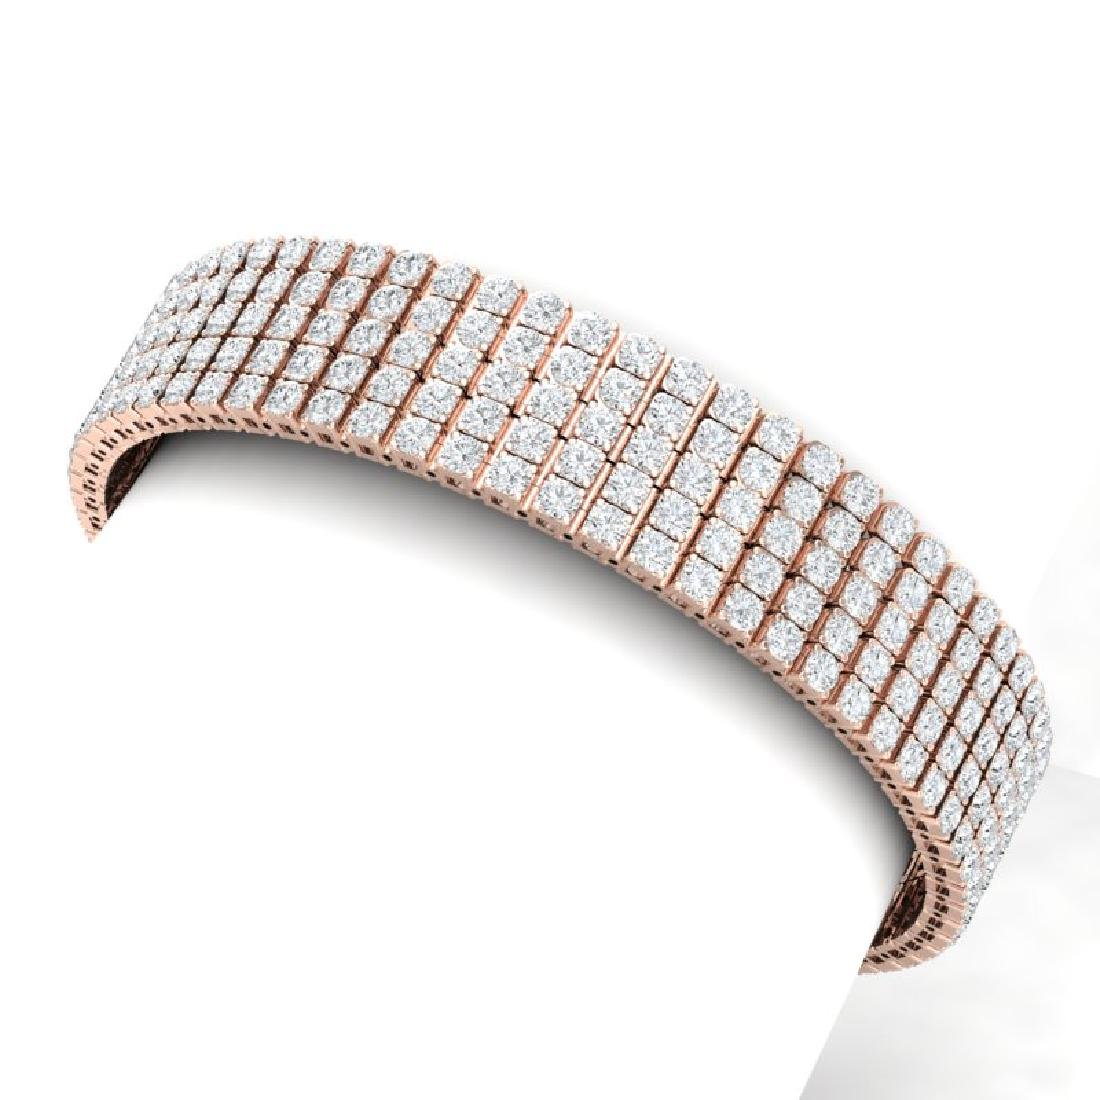 20 CTW Certified VS/SI Diamond Bracelet 18K Rose Gold